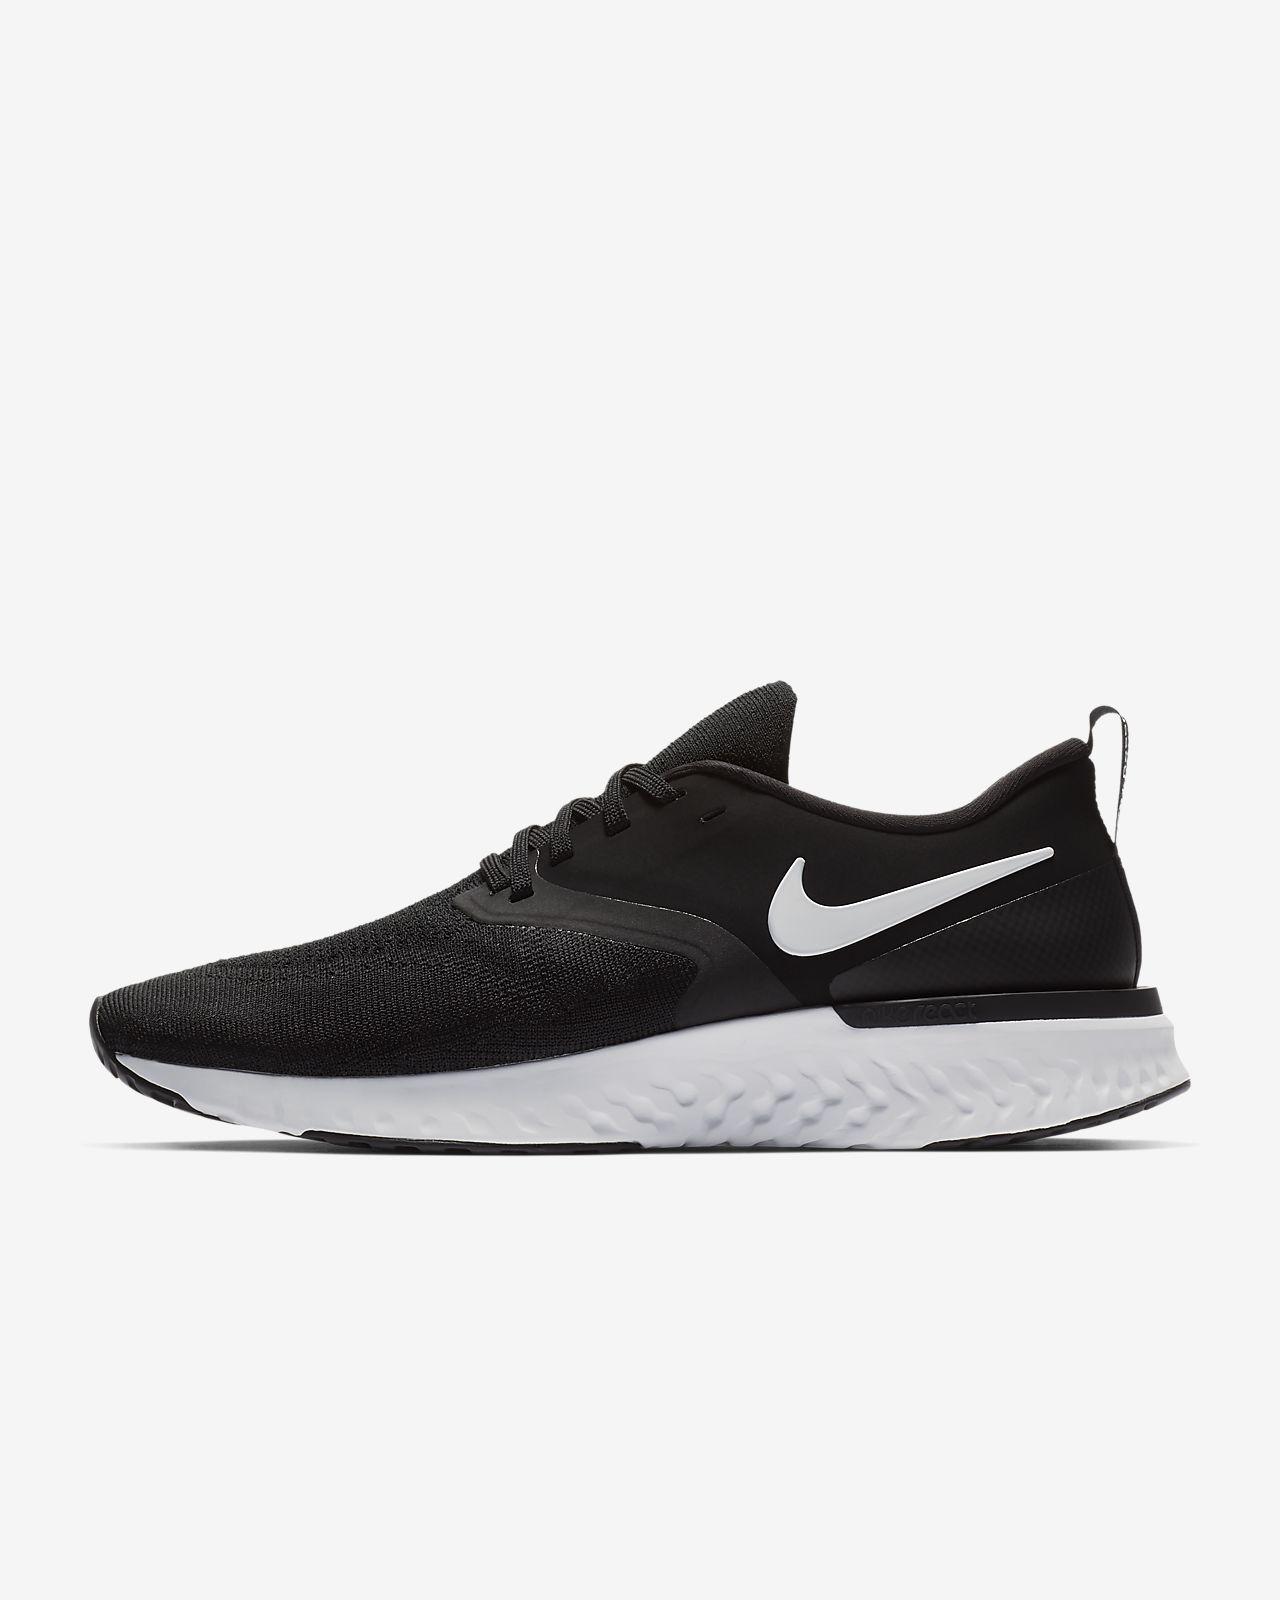 Clearance sale 2018 sneakers factory Nike Odyssey React Flyknit 2 Men's Running Shoe